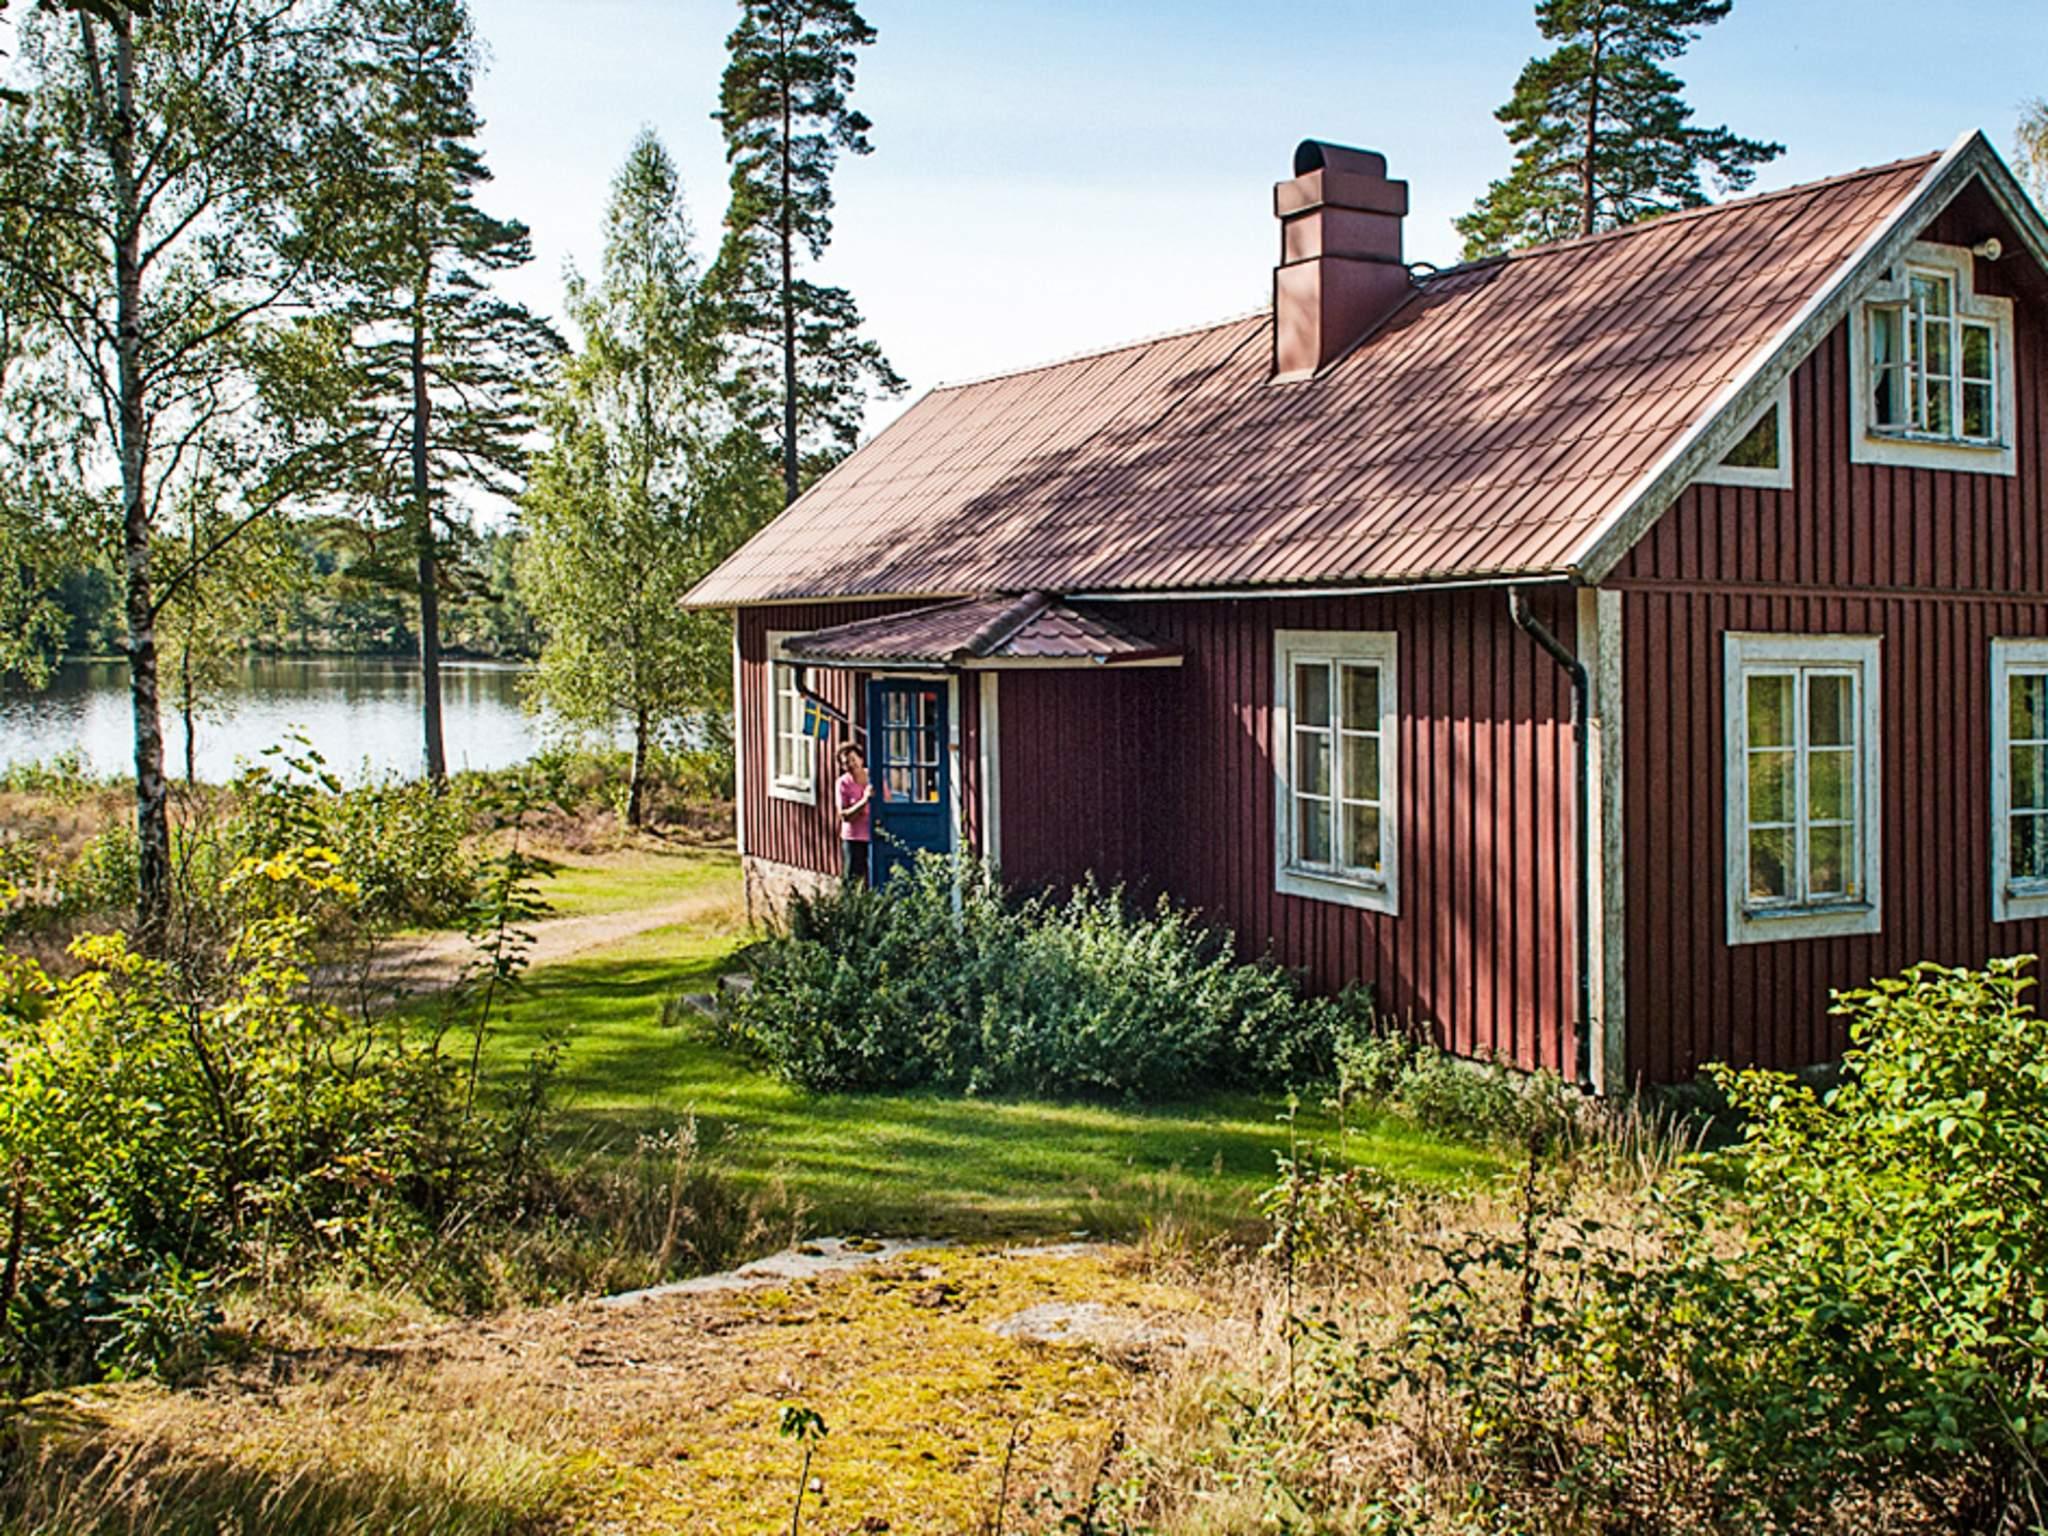 Ferienhaus Tving (135628), Tving, Blekinge län, Südschweden, Schweden, Bild 19